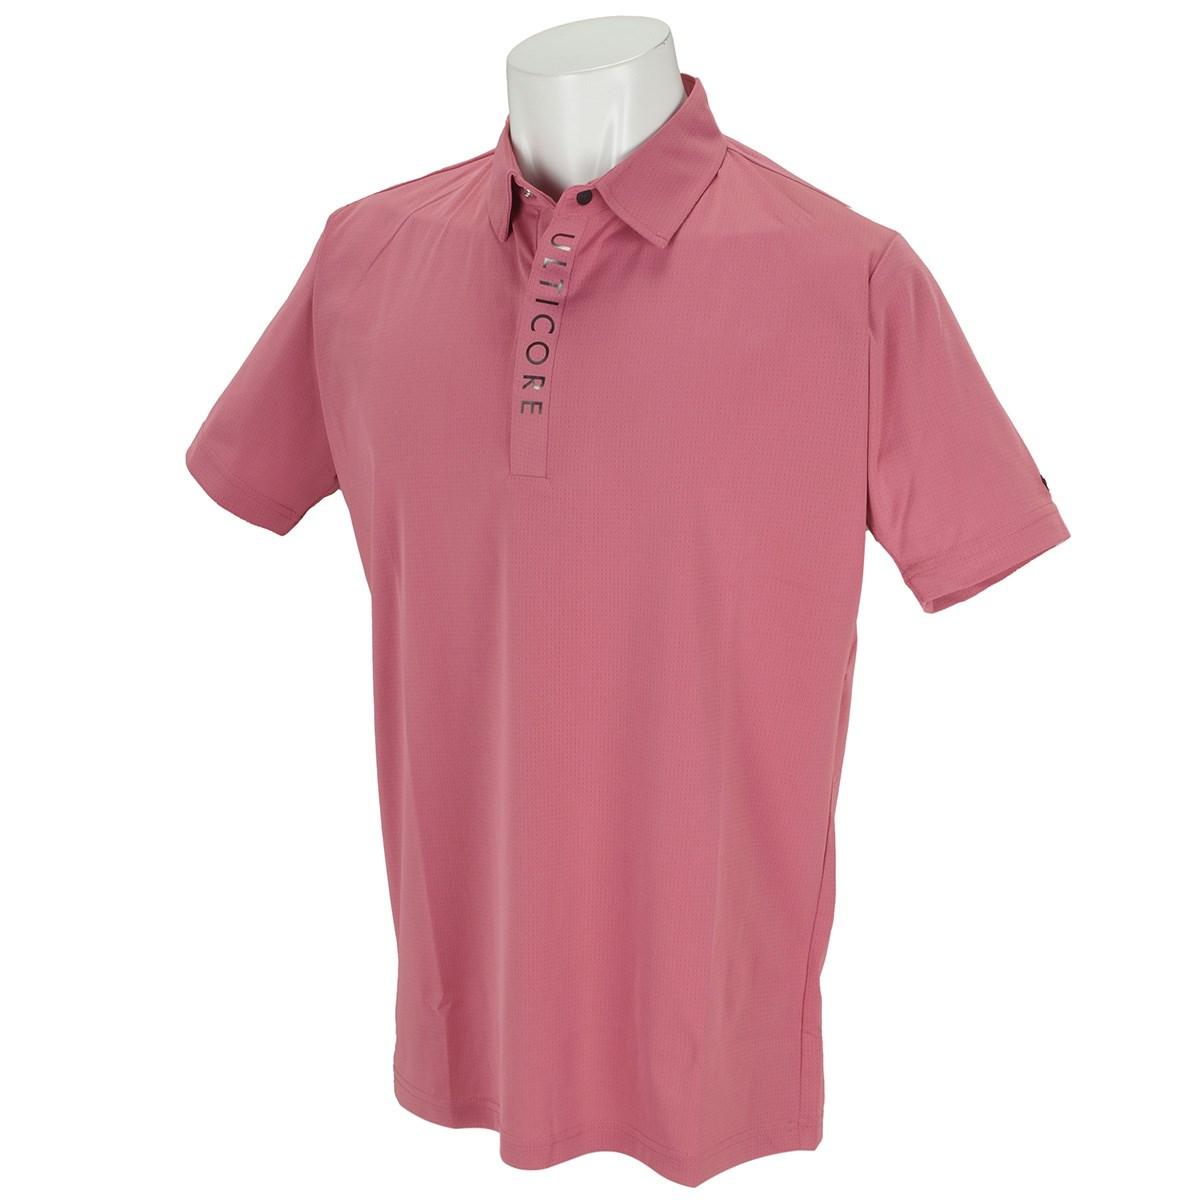 ブリヂストン(BRIDGESTONE GOLF) 4WAYストレッチ半袖3D解析ポロシャツ